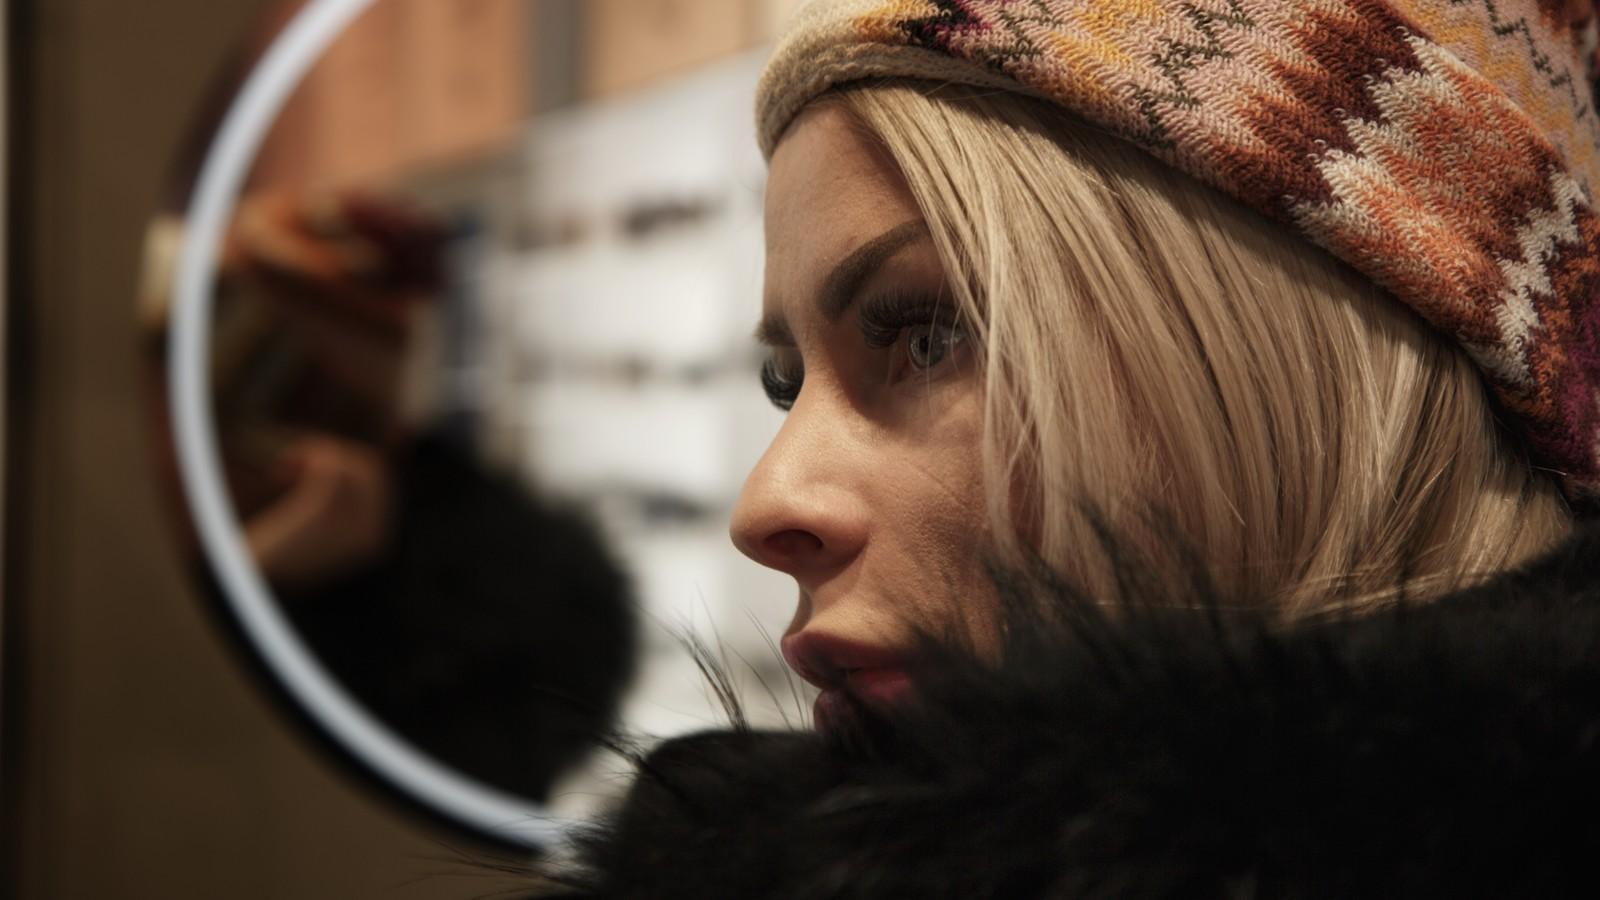 Nærbilde av en ung kvinne, ikledd topplue og jakke med pels, og hvor man tydelig ser kvinnens øyenvipper og opptegnede øyenbryn.